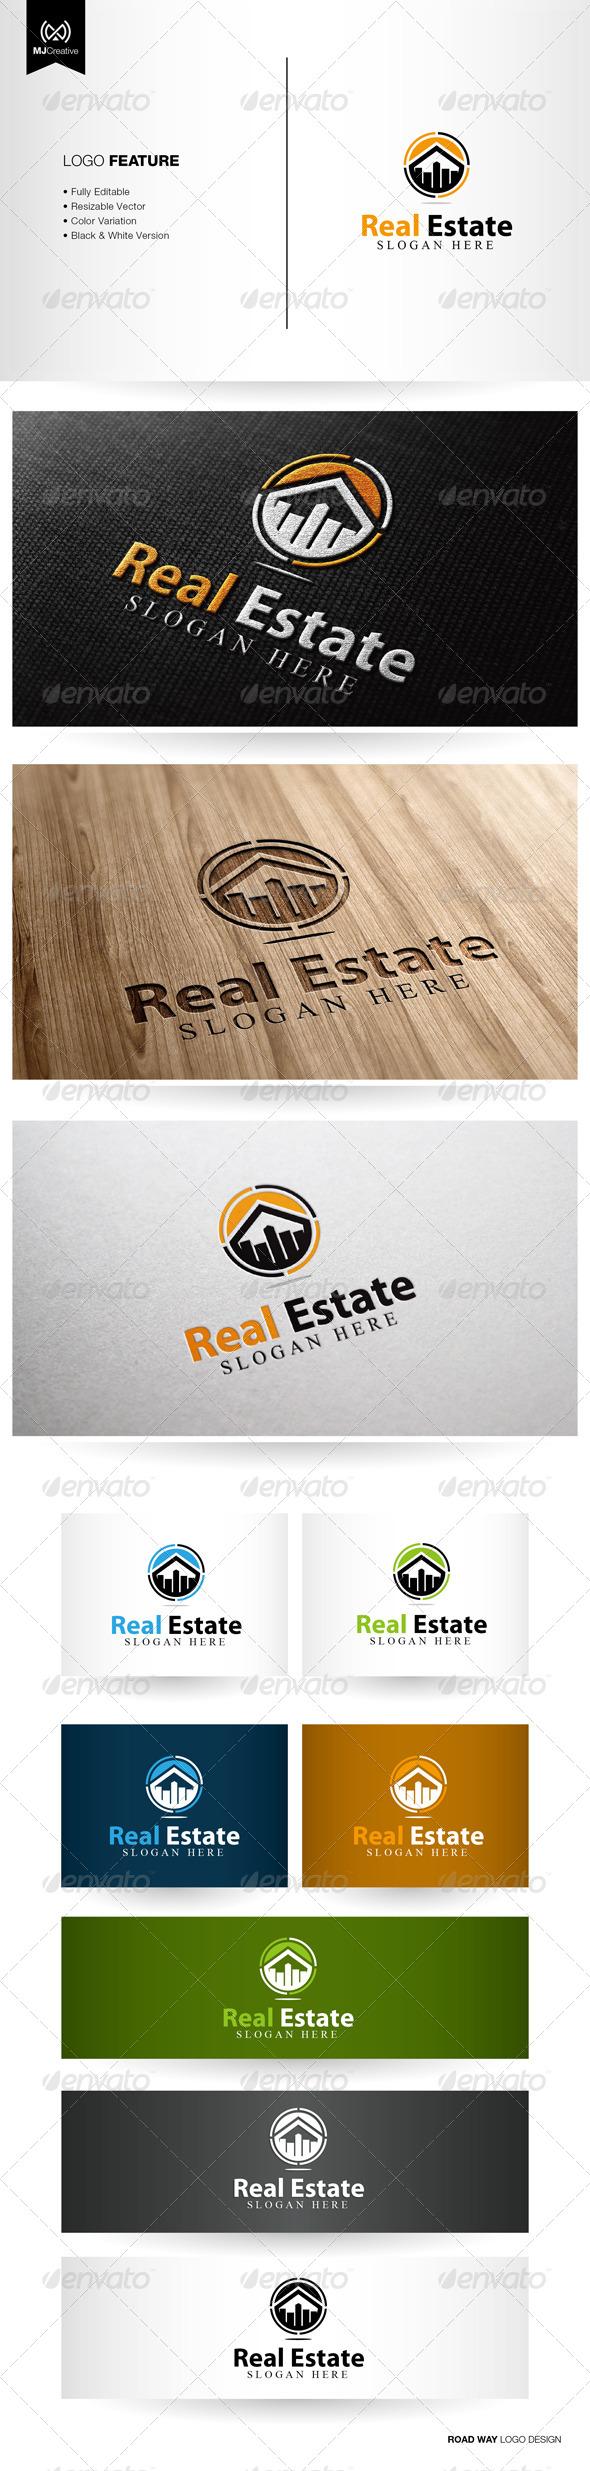 GraphicRiver Real Estate Logo 5329283